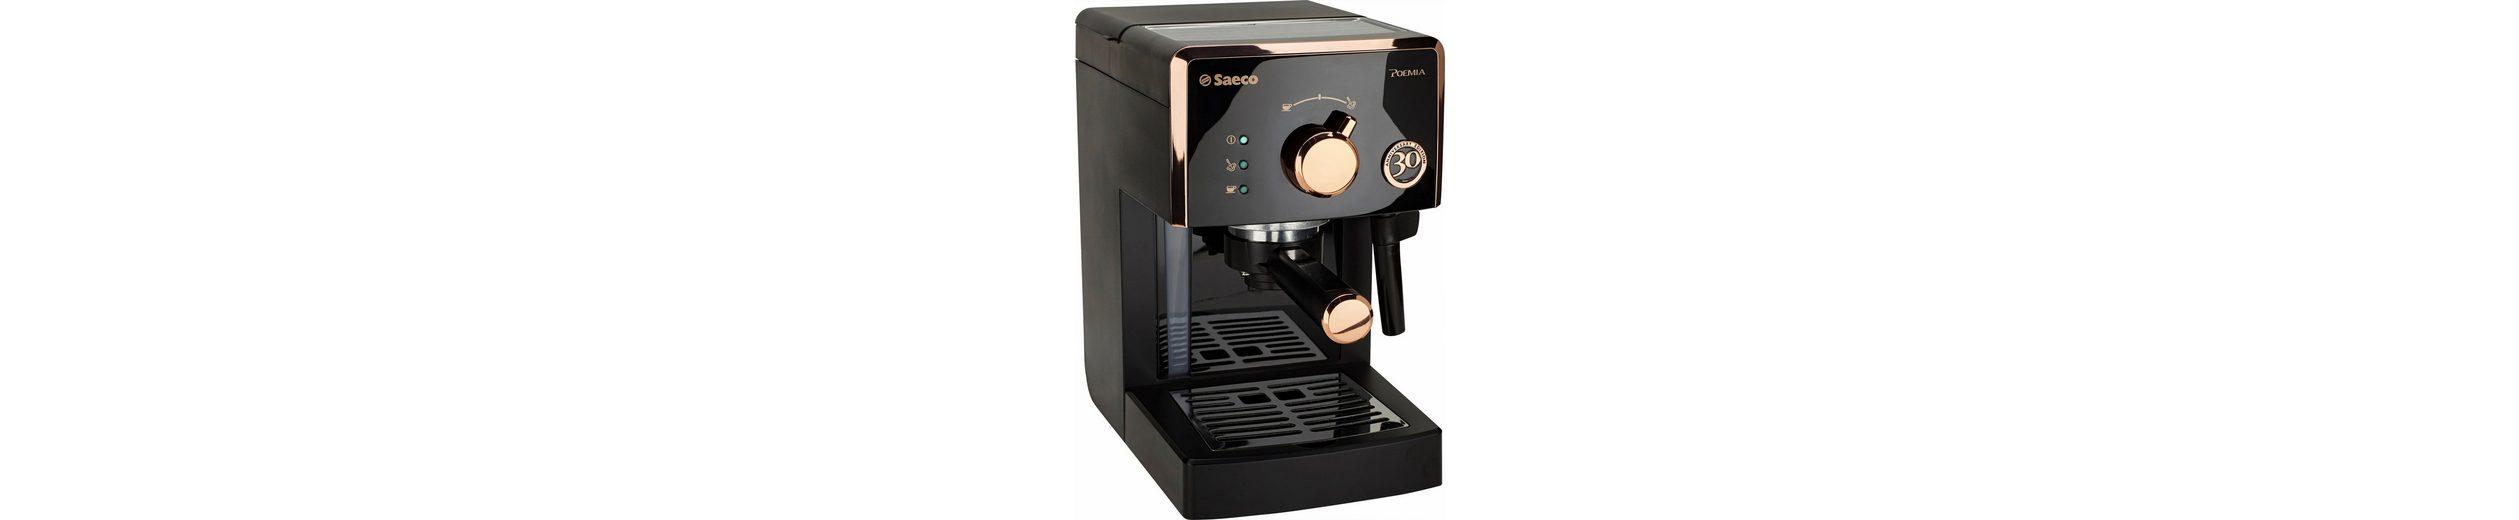 Saeco Espresso Siebträger HD8425/21 Poemia 30 Jahre Jubiläumsedition, 15 Bar, schwarz-kupf